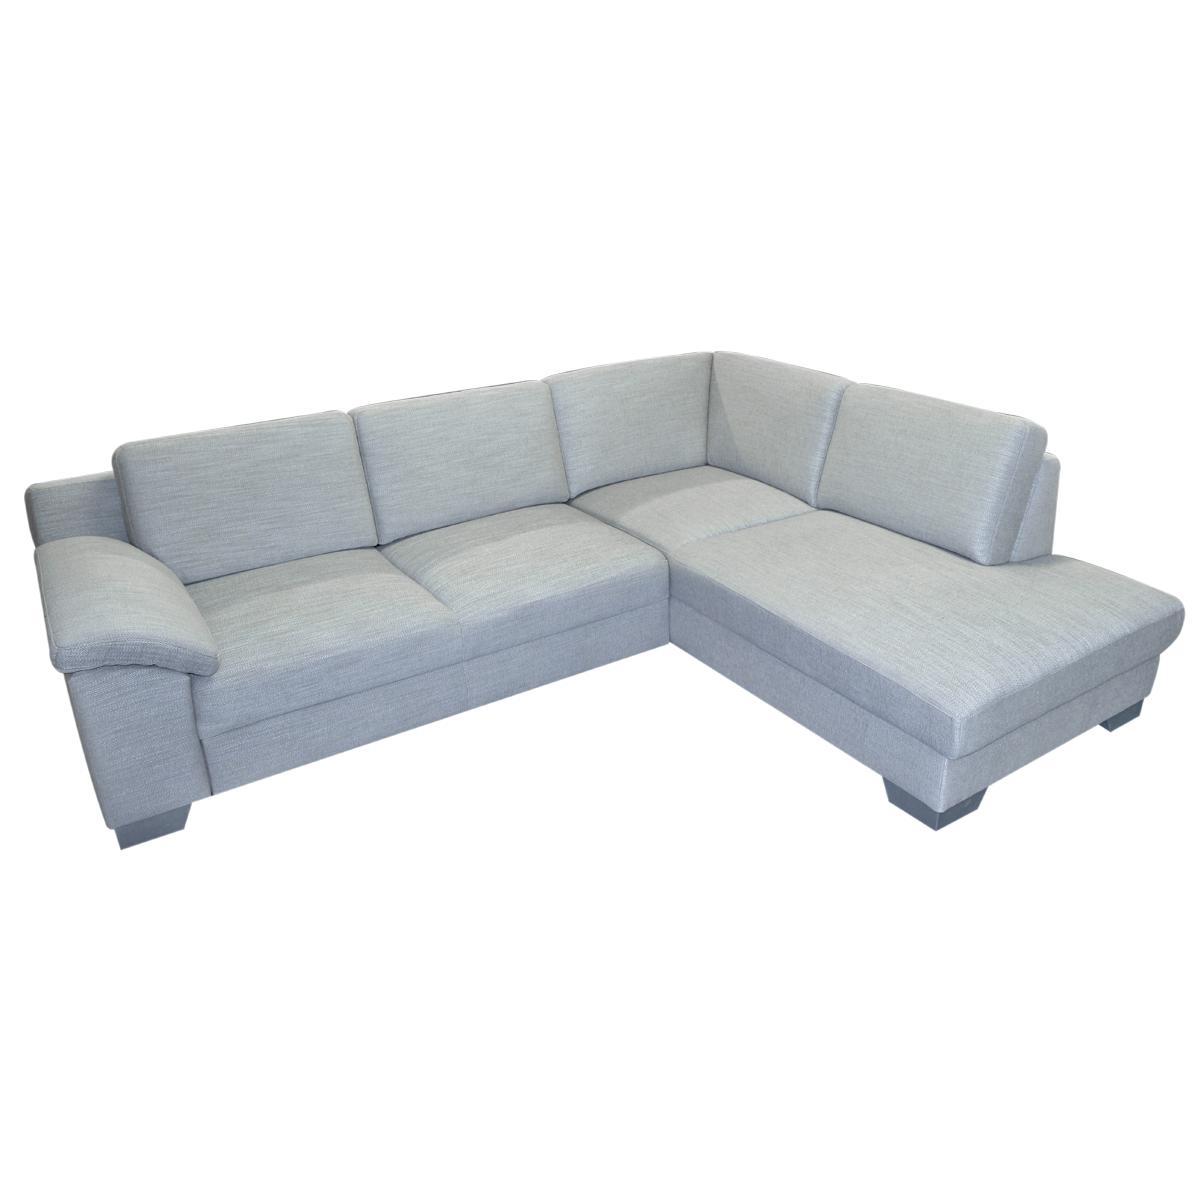 Rohová sedačka MALIBU - Obrázok č. 2